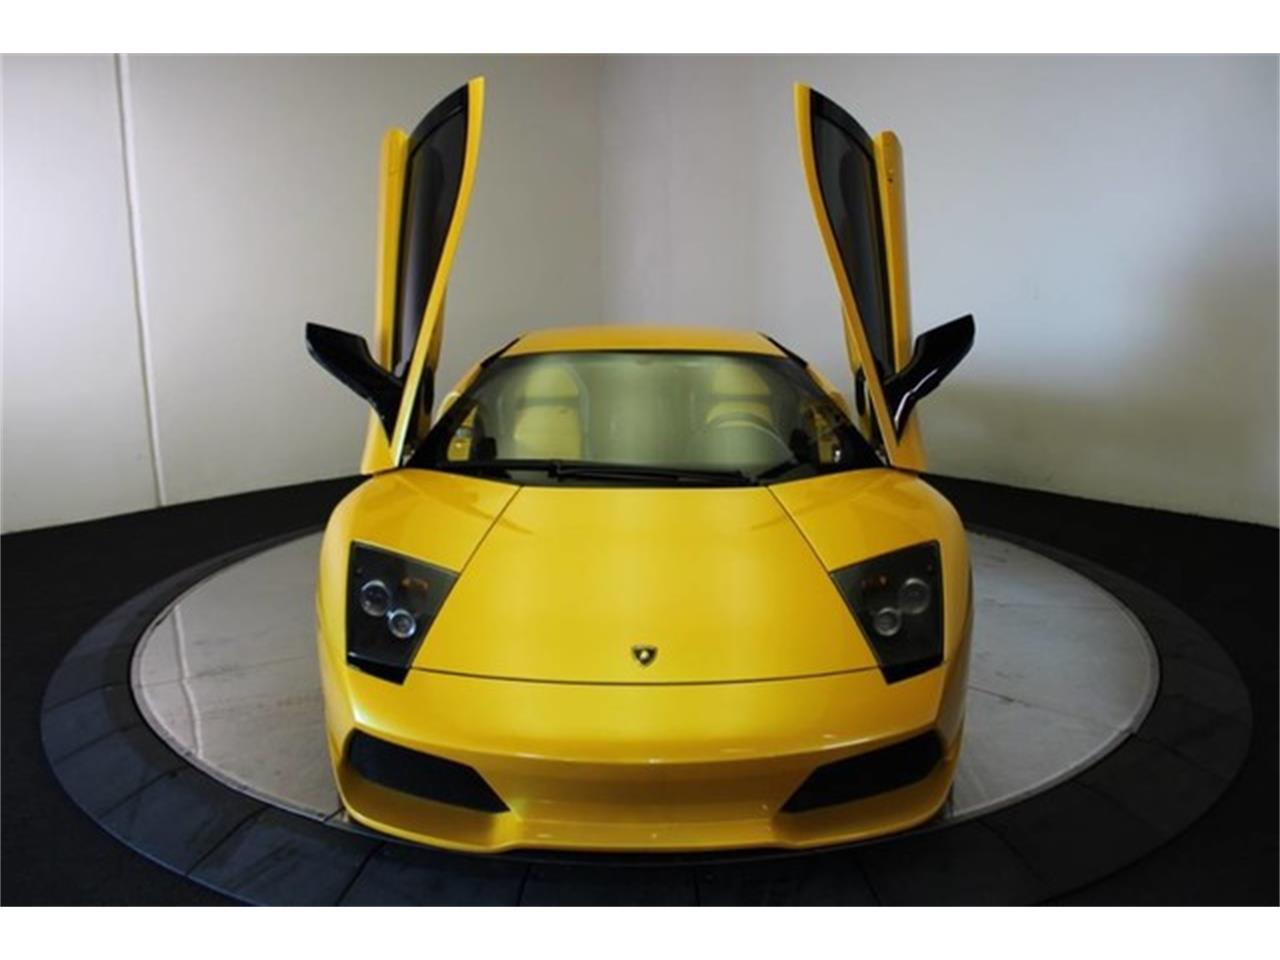 Large Picture of '07 Lamborghini Murcielago located in California - L7IL